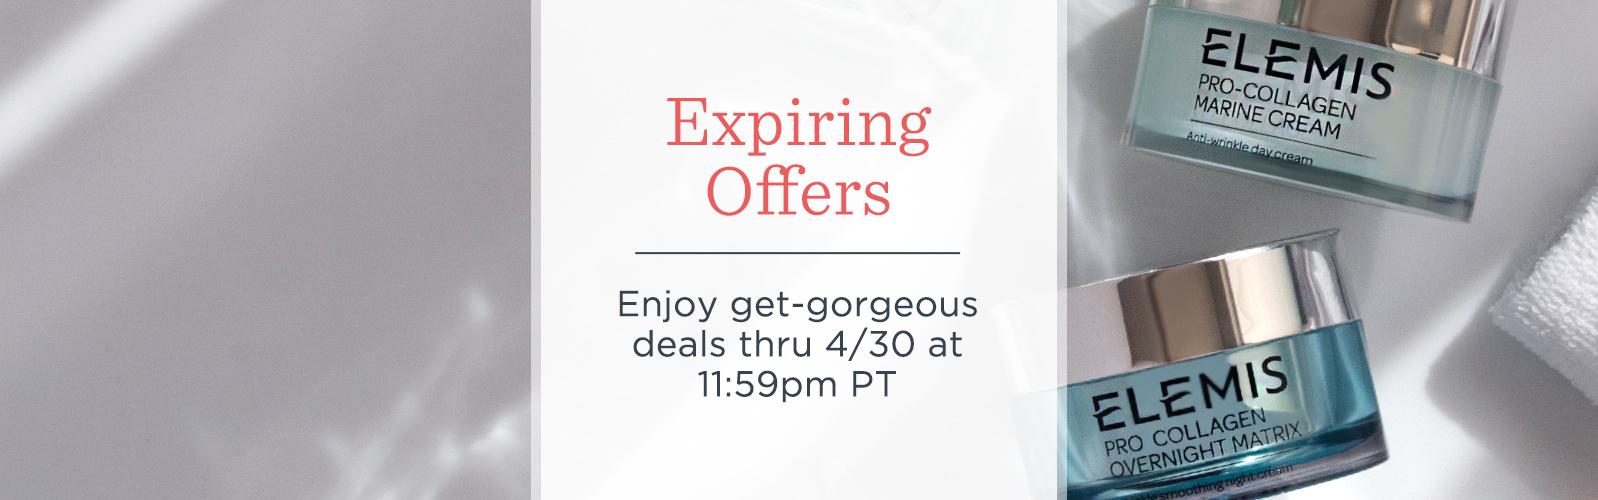 Expiring Offers. Enjoy get-gorgeous deals thru 4/30 at 11:59pm PT